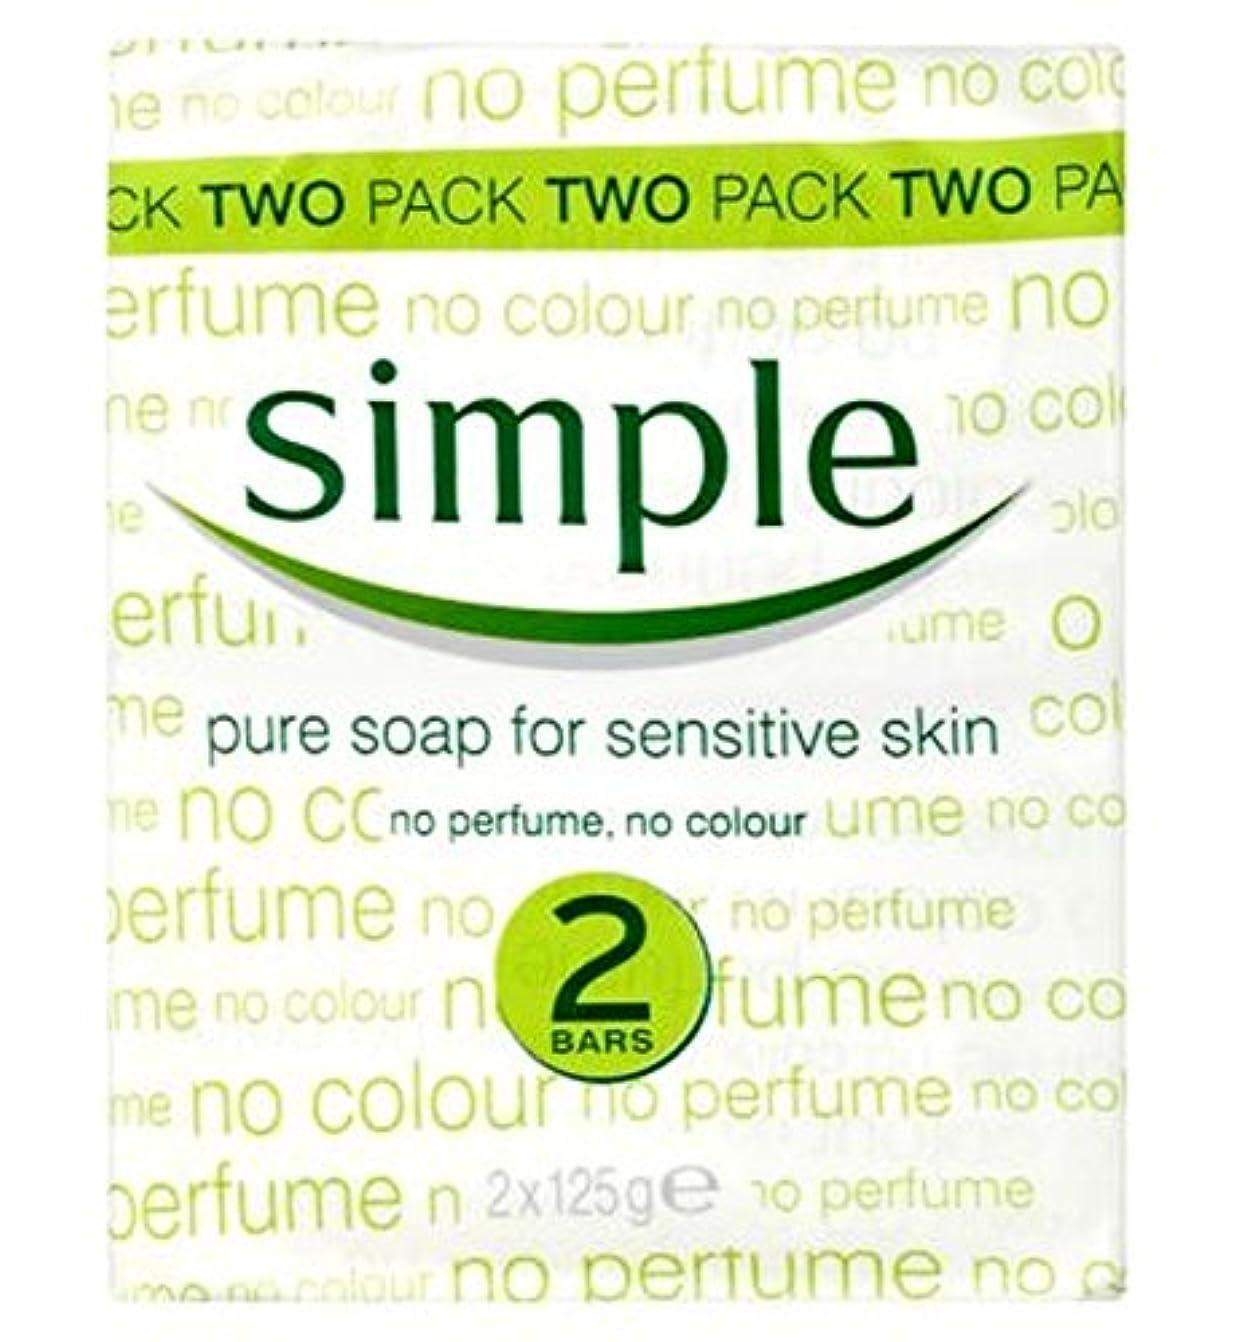 アンデス山脈毛布苦しむSimple Pure Soap Bar for Sensitive Skin 2 x 125g - 敏感肌2のX 125グラムのためのシンプルな、純粋な石鹸バー (Simple) [並行輸入品]